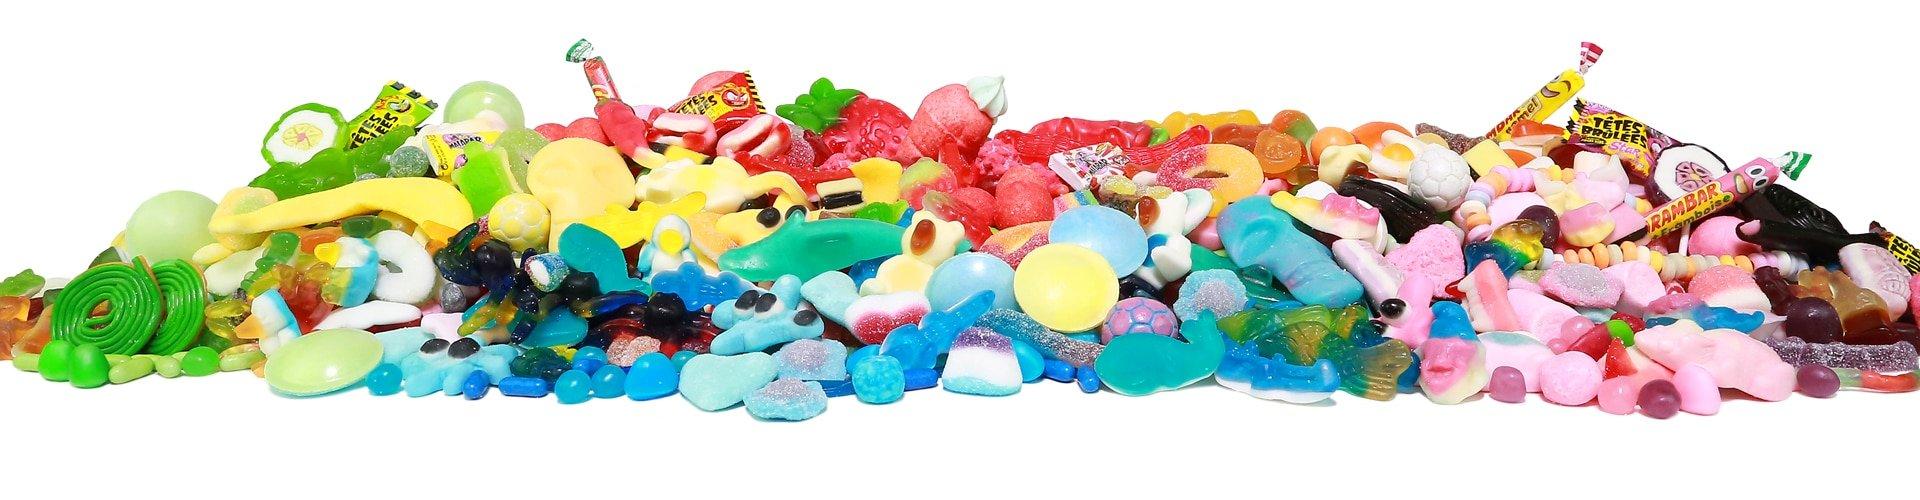 bonbons en vrac my bonbon bonbon factory